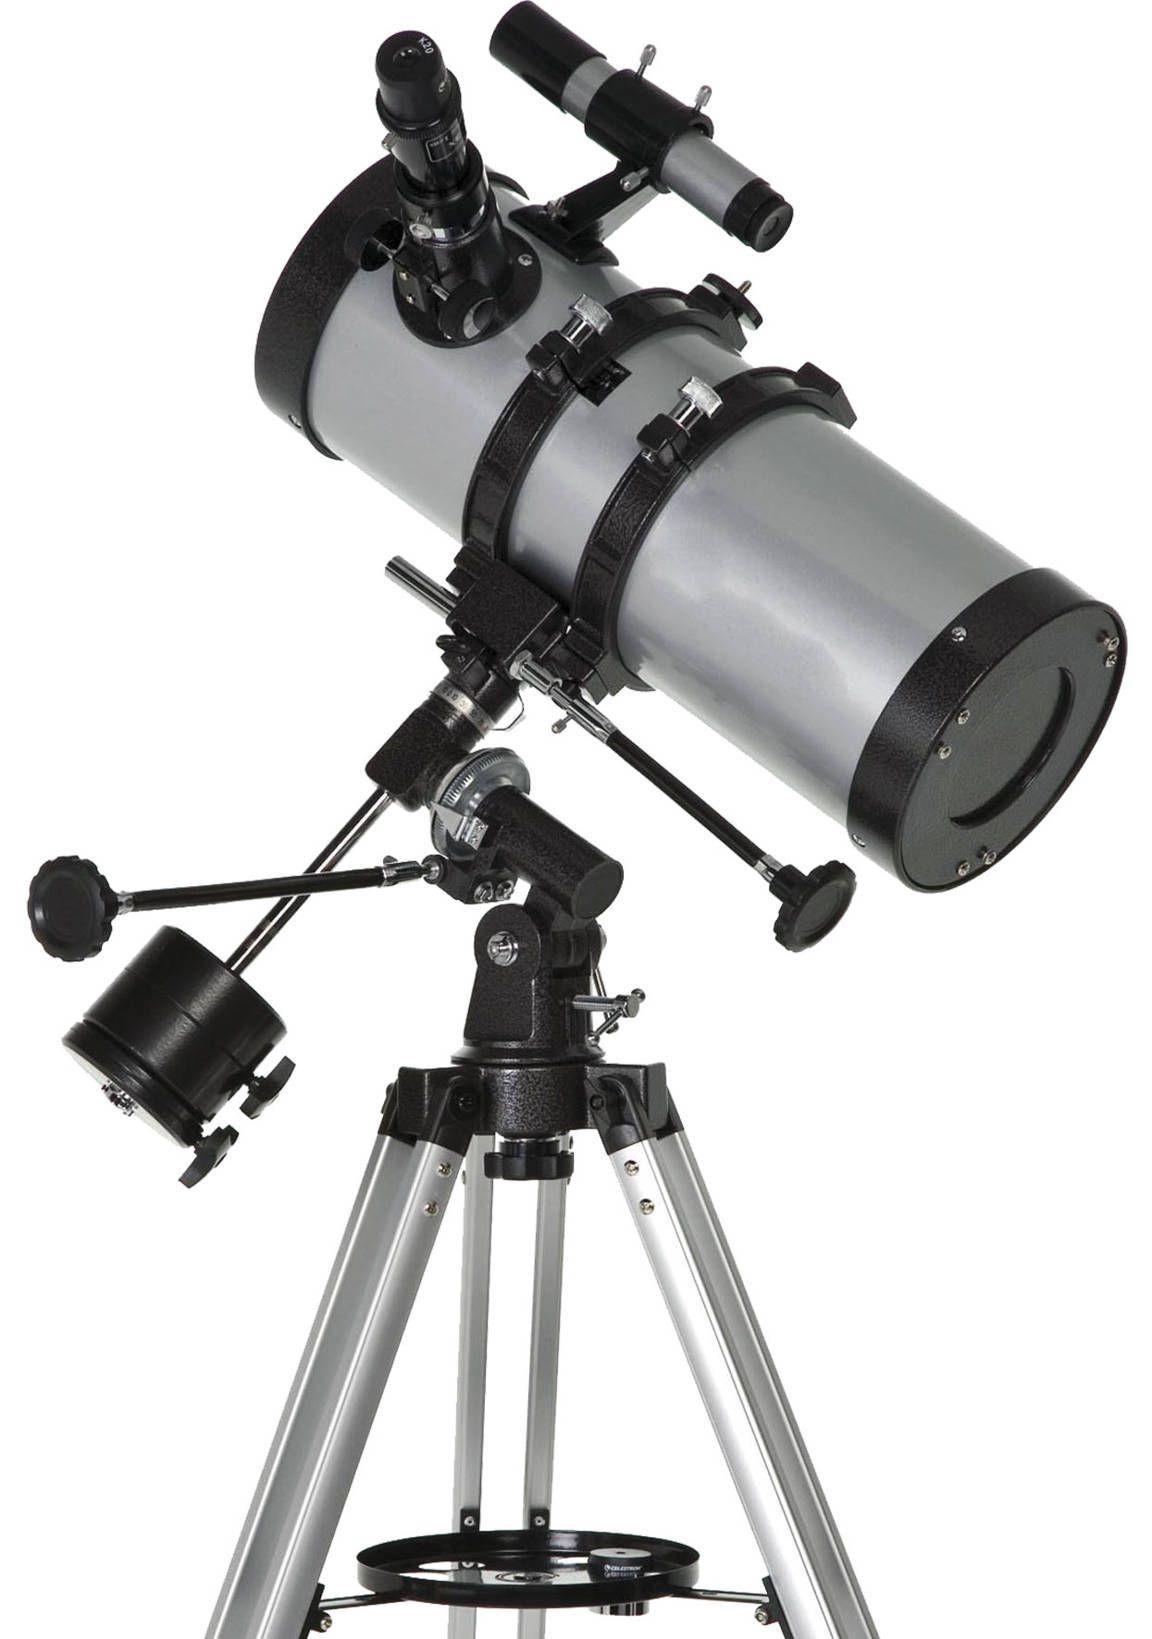 Telescópio Refletor Newtoniano Equatorial 1400x150mm com Ampliação 1050x - F1400150-EQ